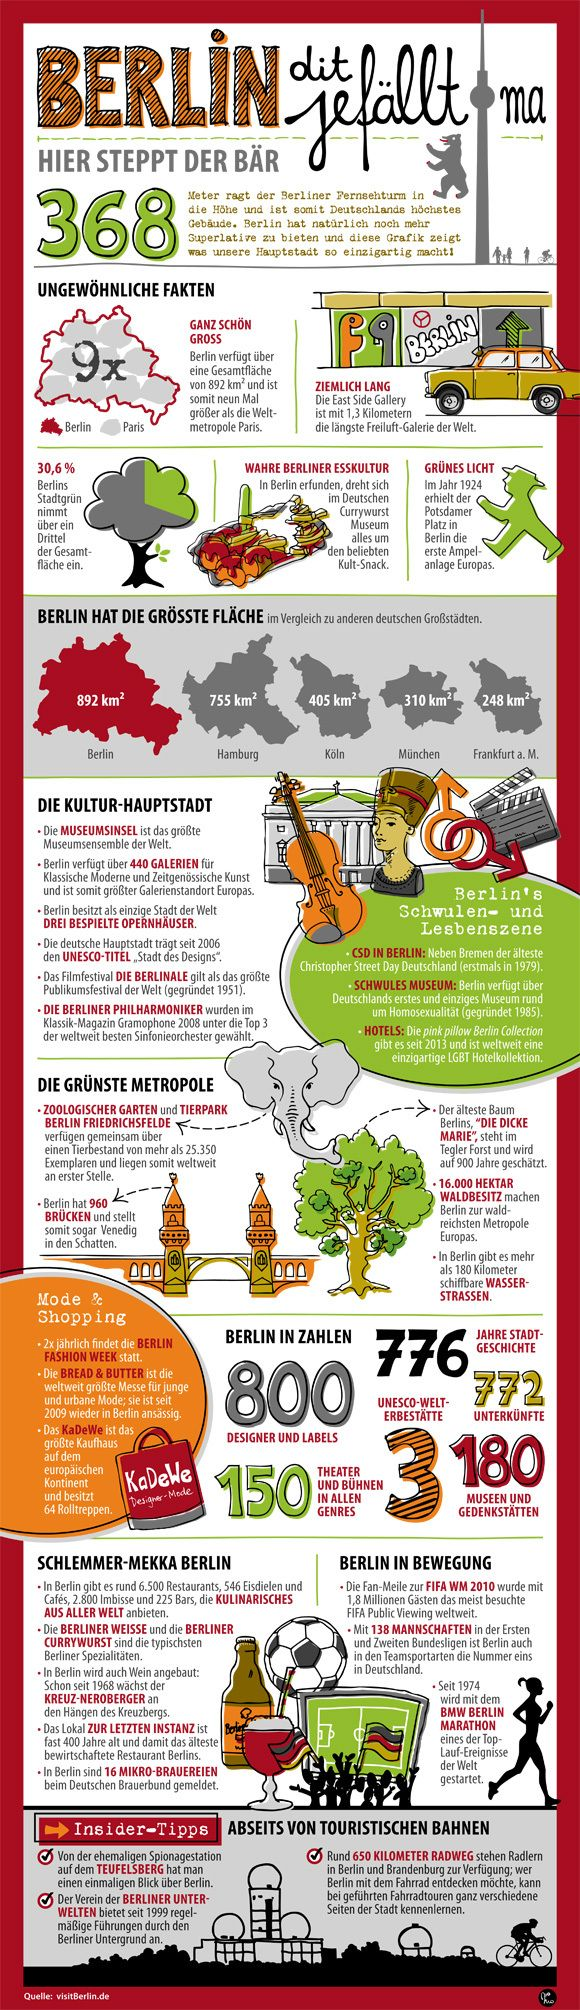 Berlin infographic